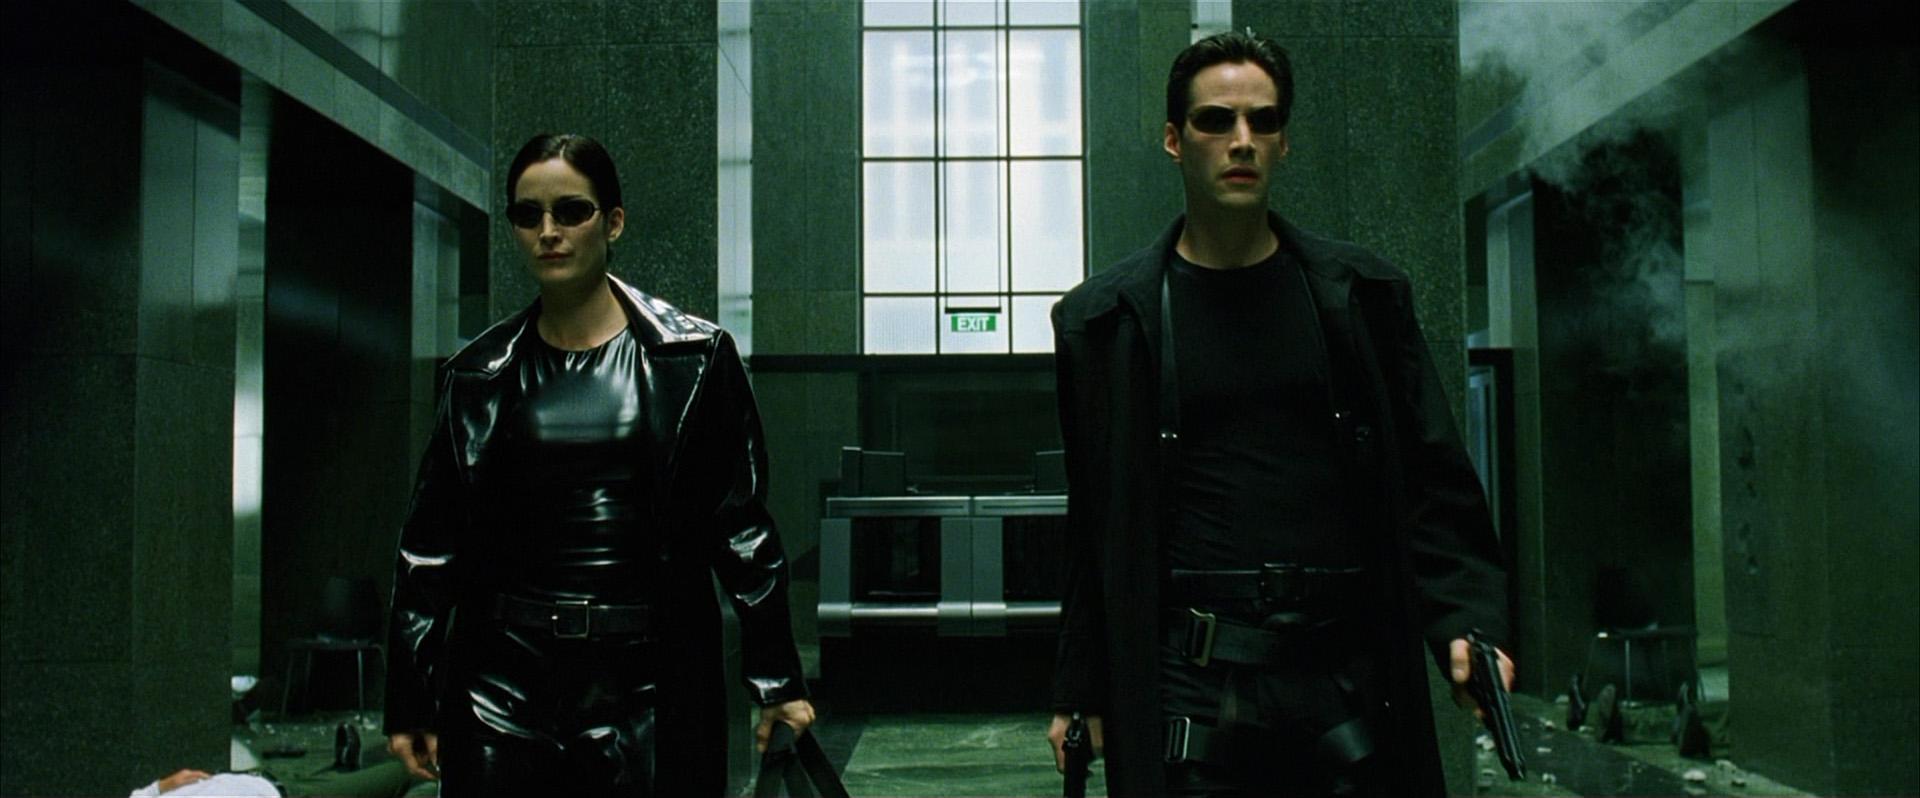 دانلود فیلم ماتریکس The Matrix - دانلود فیلم ماتریکس The Matrix دوبله فارسی